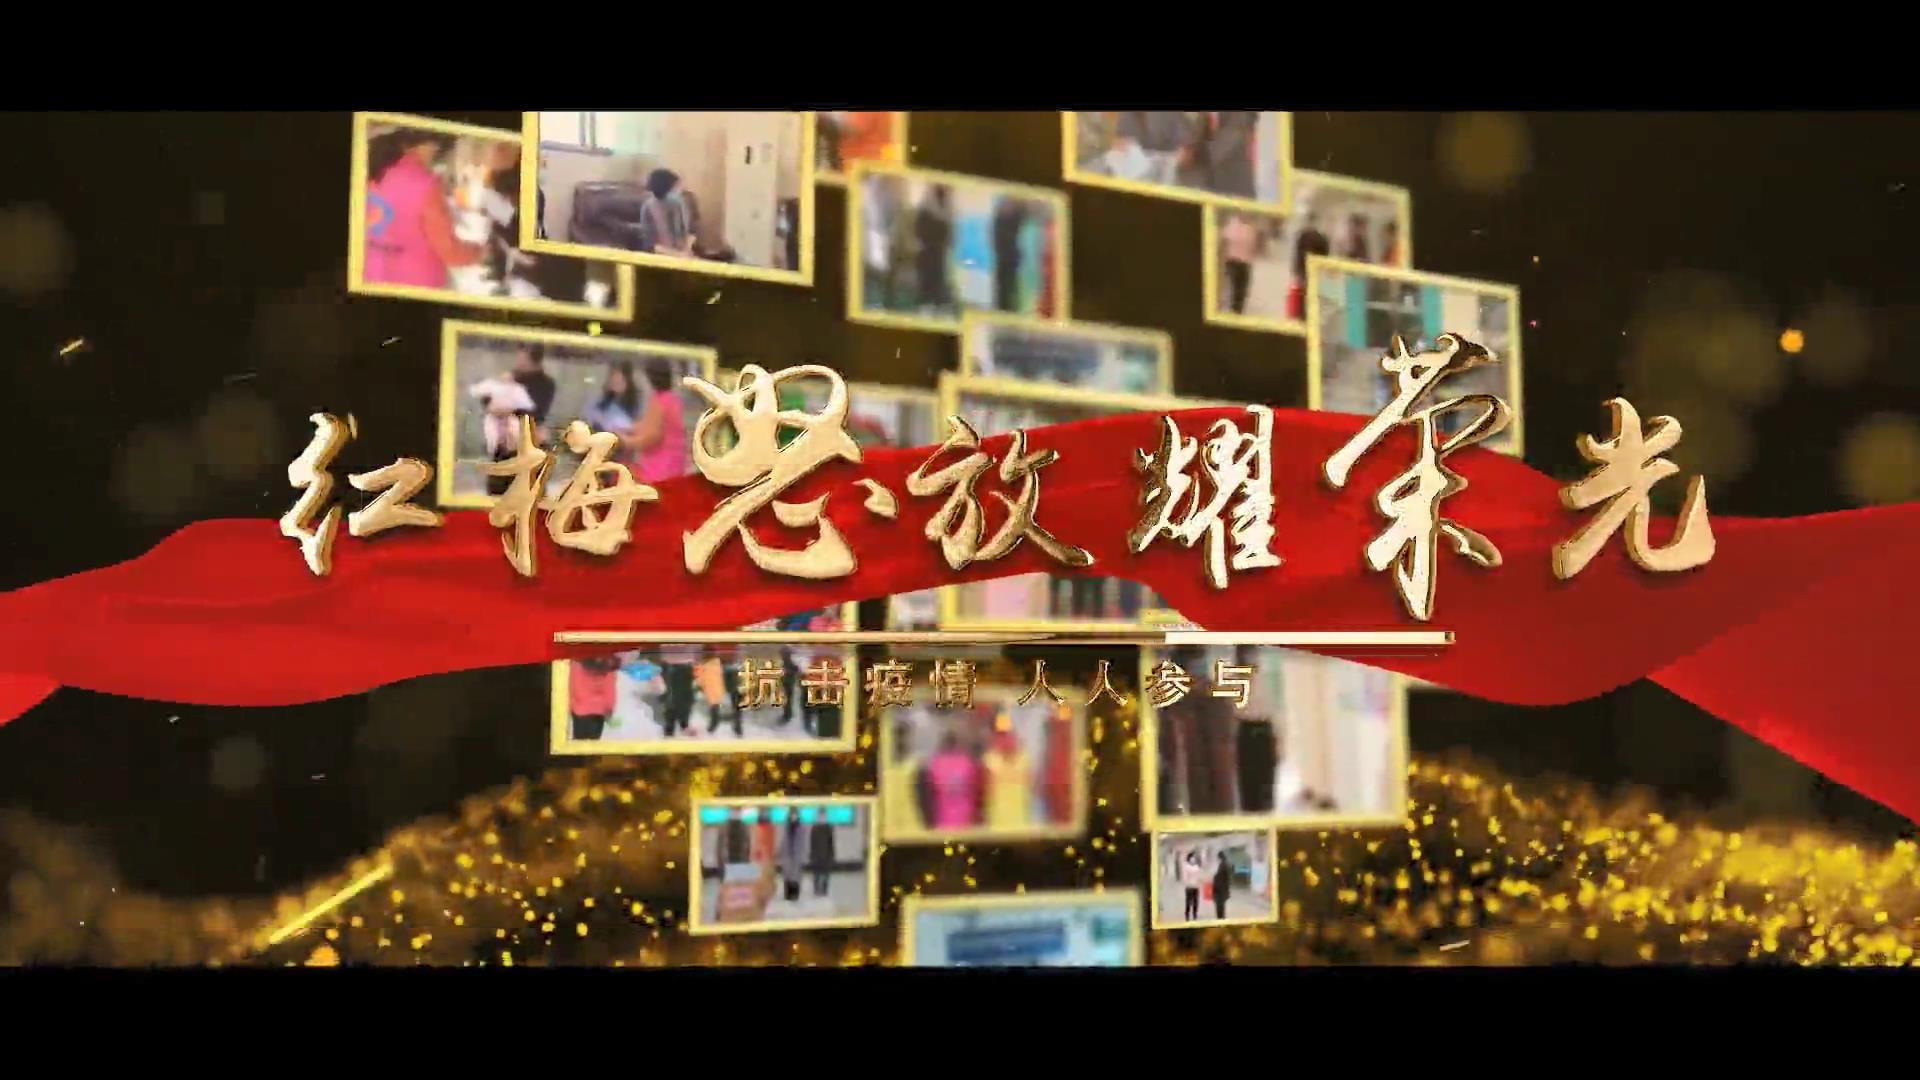 赞!红梅怒放耀荣光_惠州大奖网[00_00_02][20200309-163036].jpg